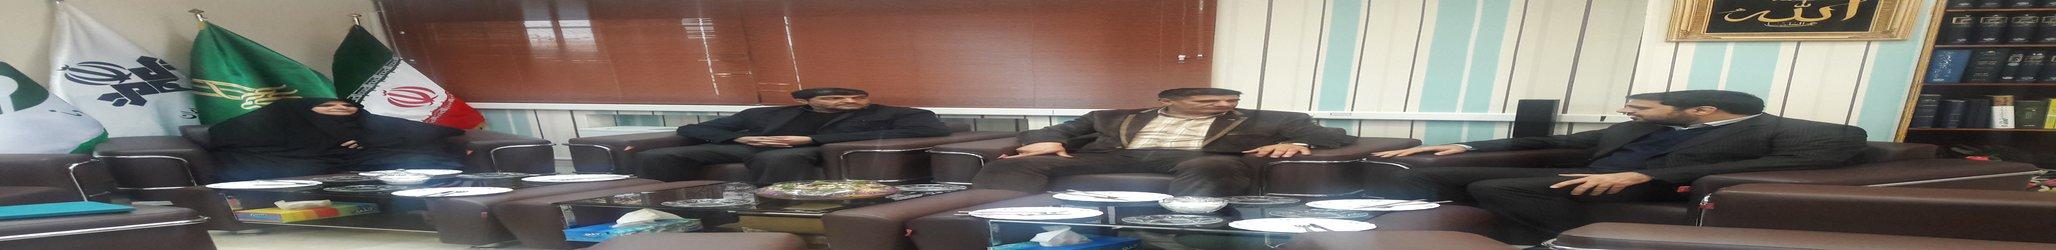 دیدار رئیس دانشگاه آزاد اسلامی استان کهگیلویه وبویراحمد با مدیرکل صداو سیمای استان(۱۳۹۷/۱۰/۱۸)